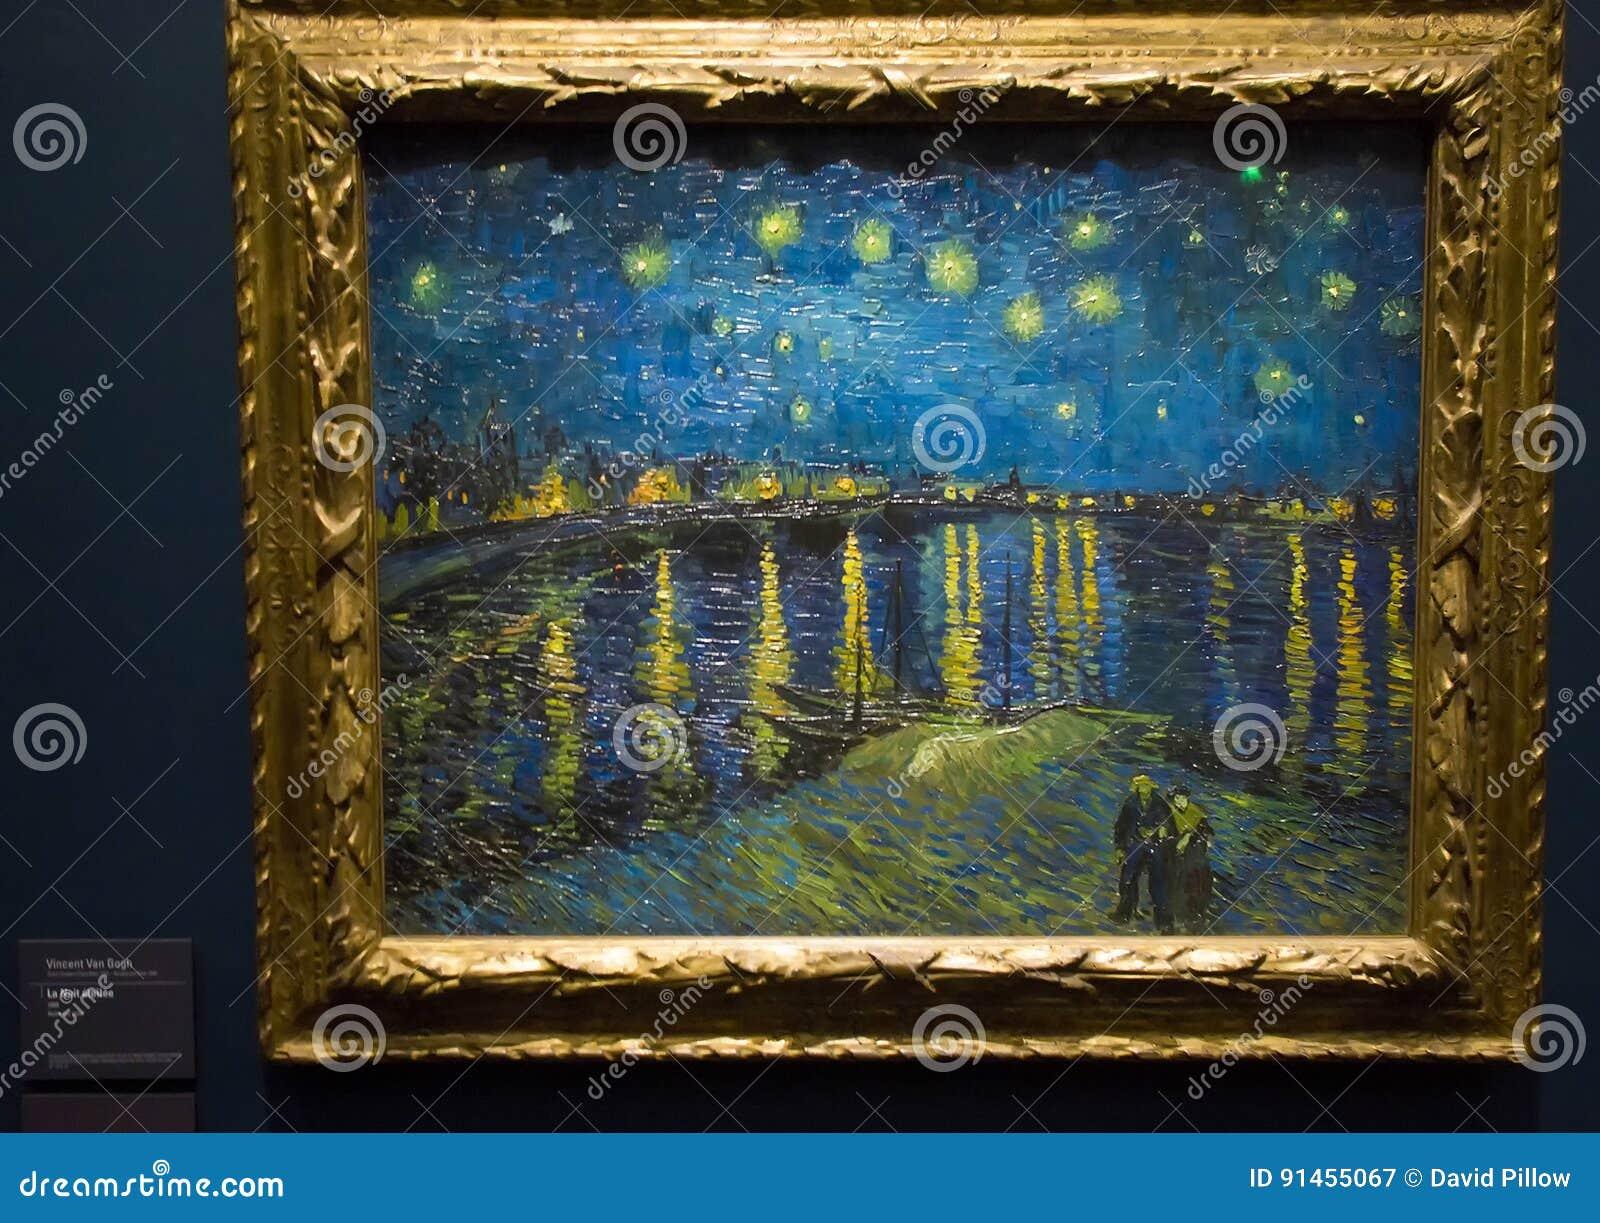 Nuit étoilée au-dessus du Rhône par Vincent van Gogh